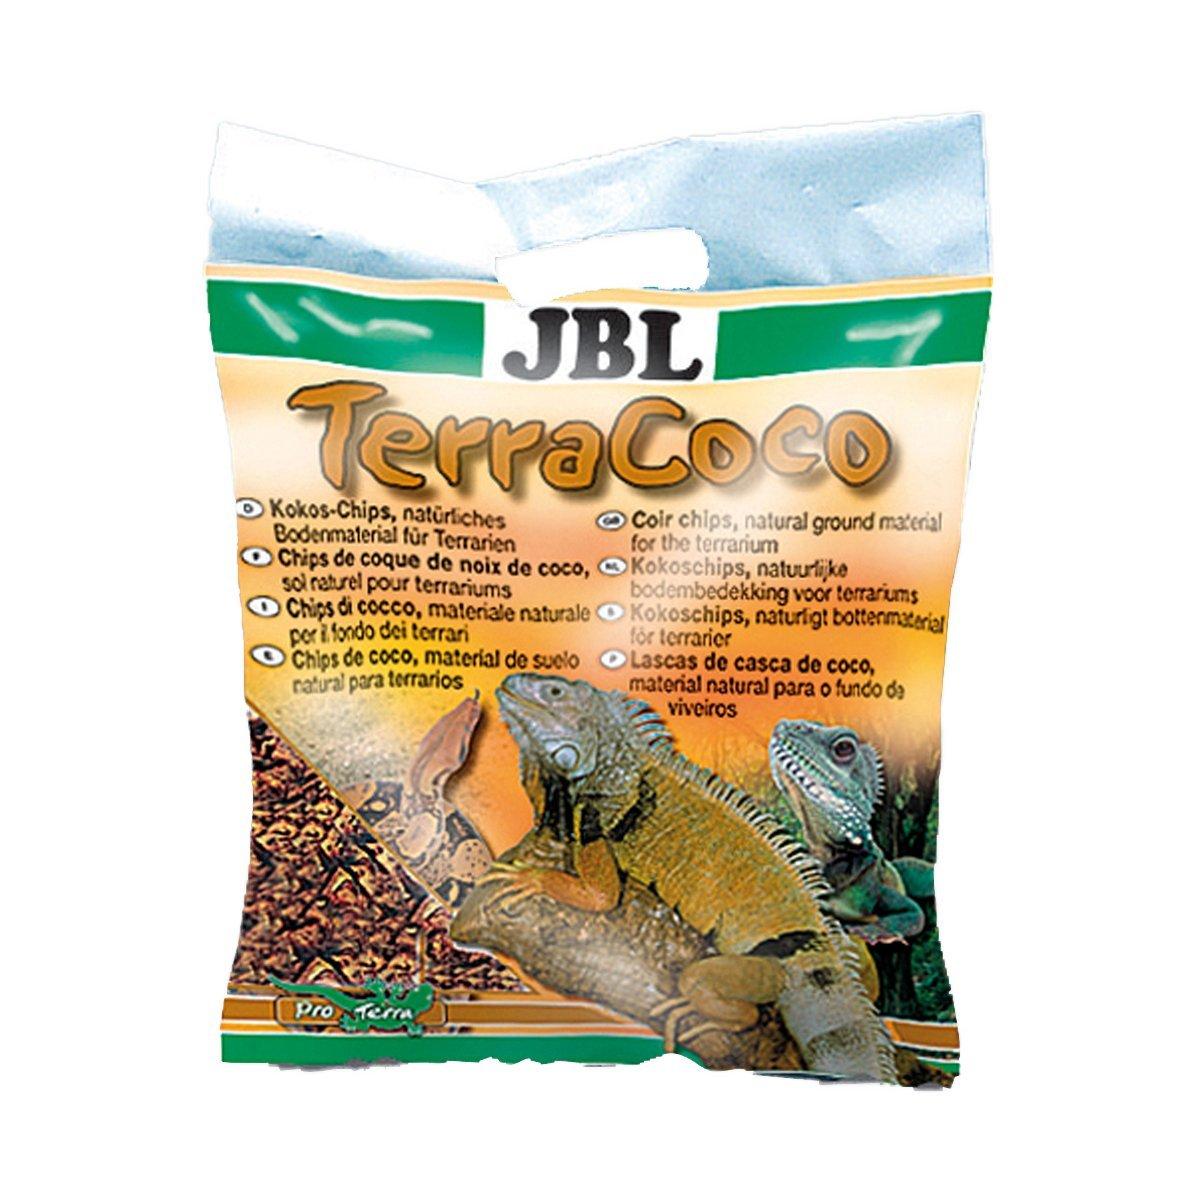 JBL para todos los Tipos de terrarios de Suelos, Coco Chips, Comprimidos, torfartig, terr acoco 7102600